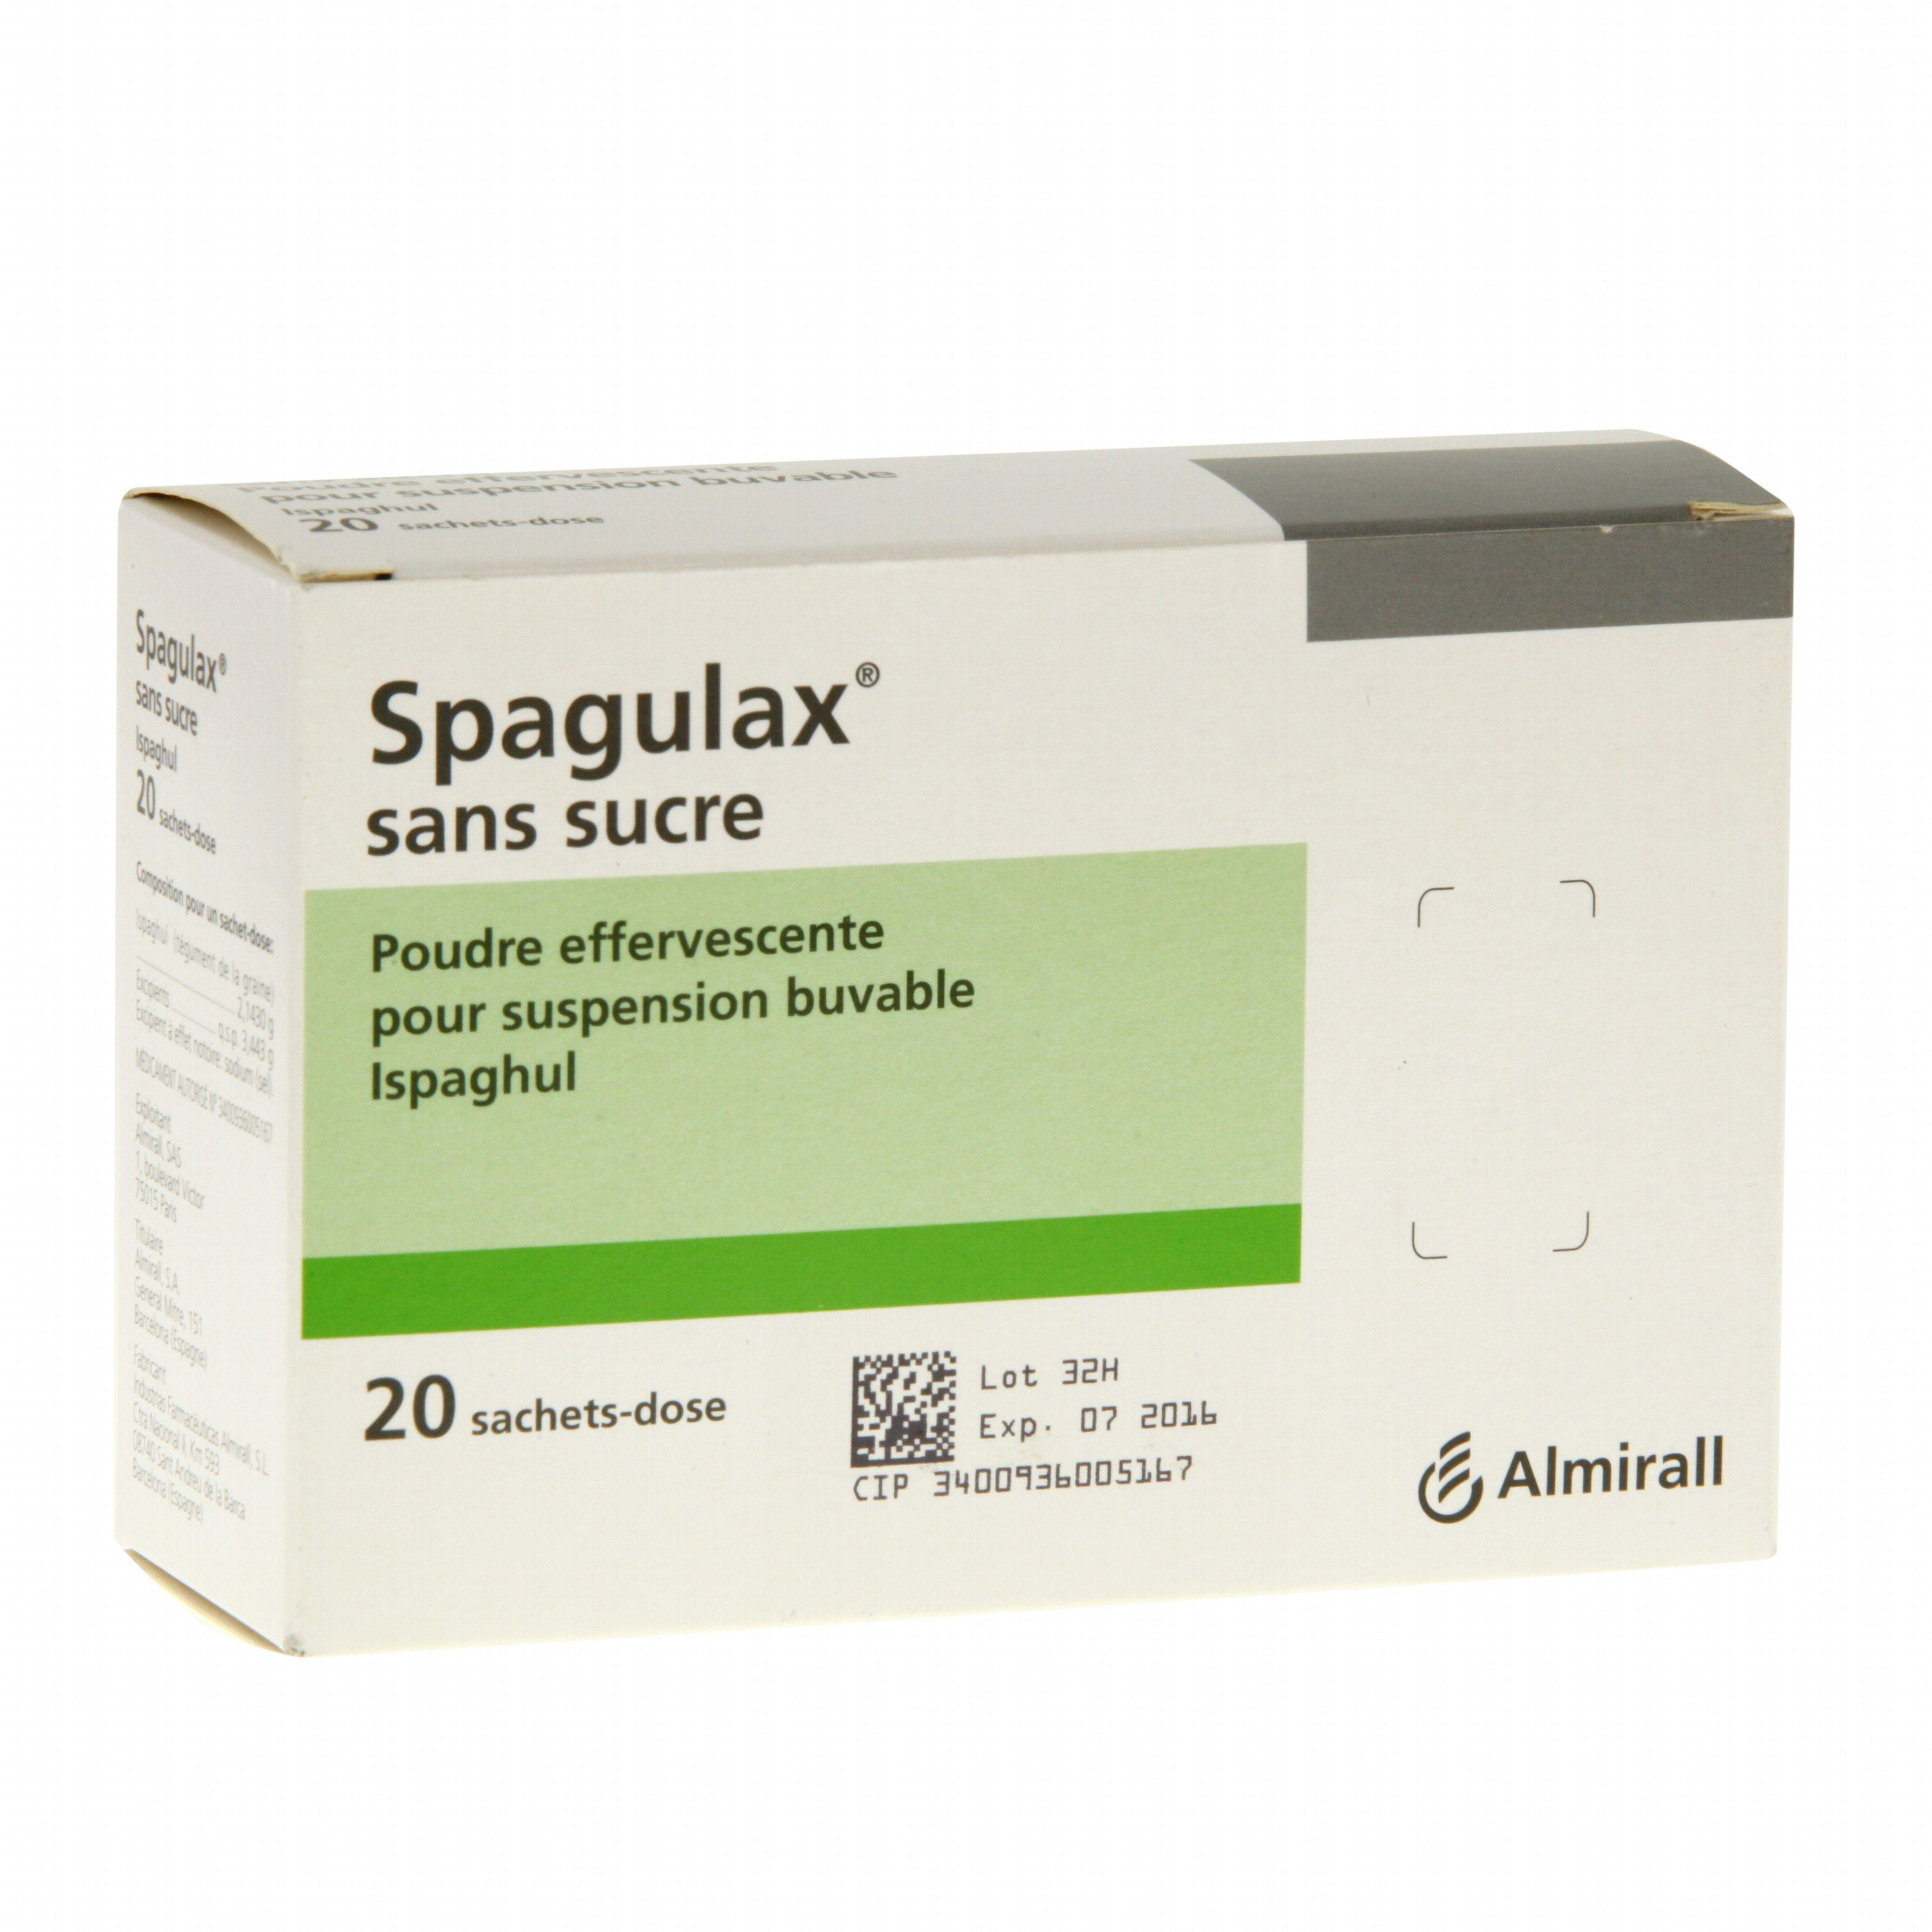 Spagulax sans sucre boîte de 20 sachets-doses Almirall